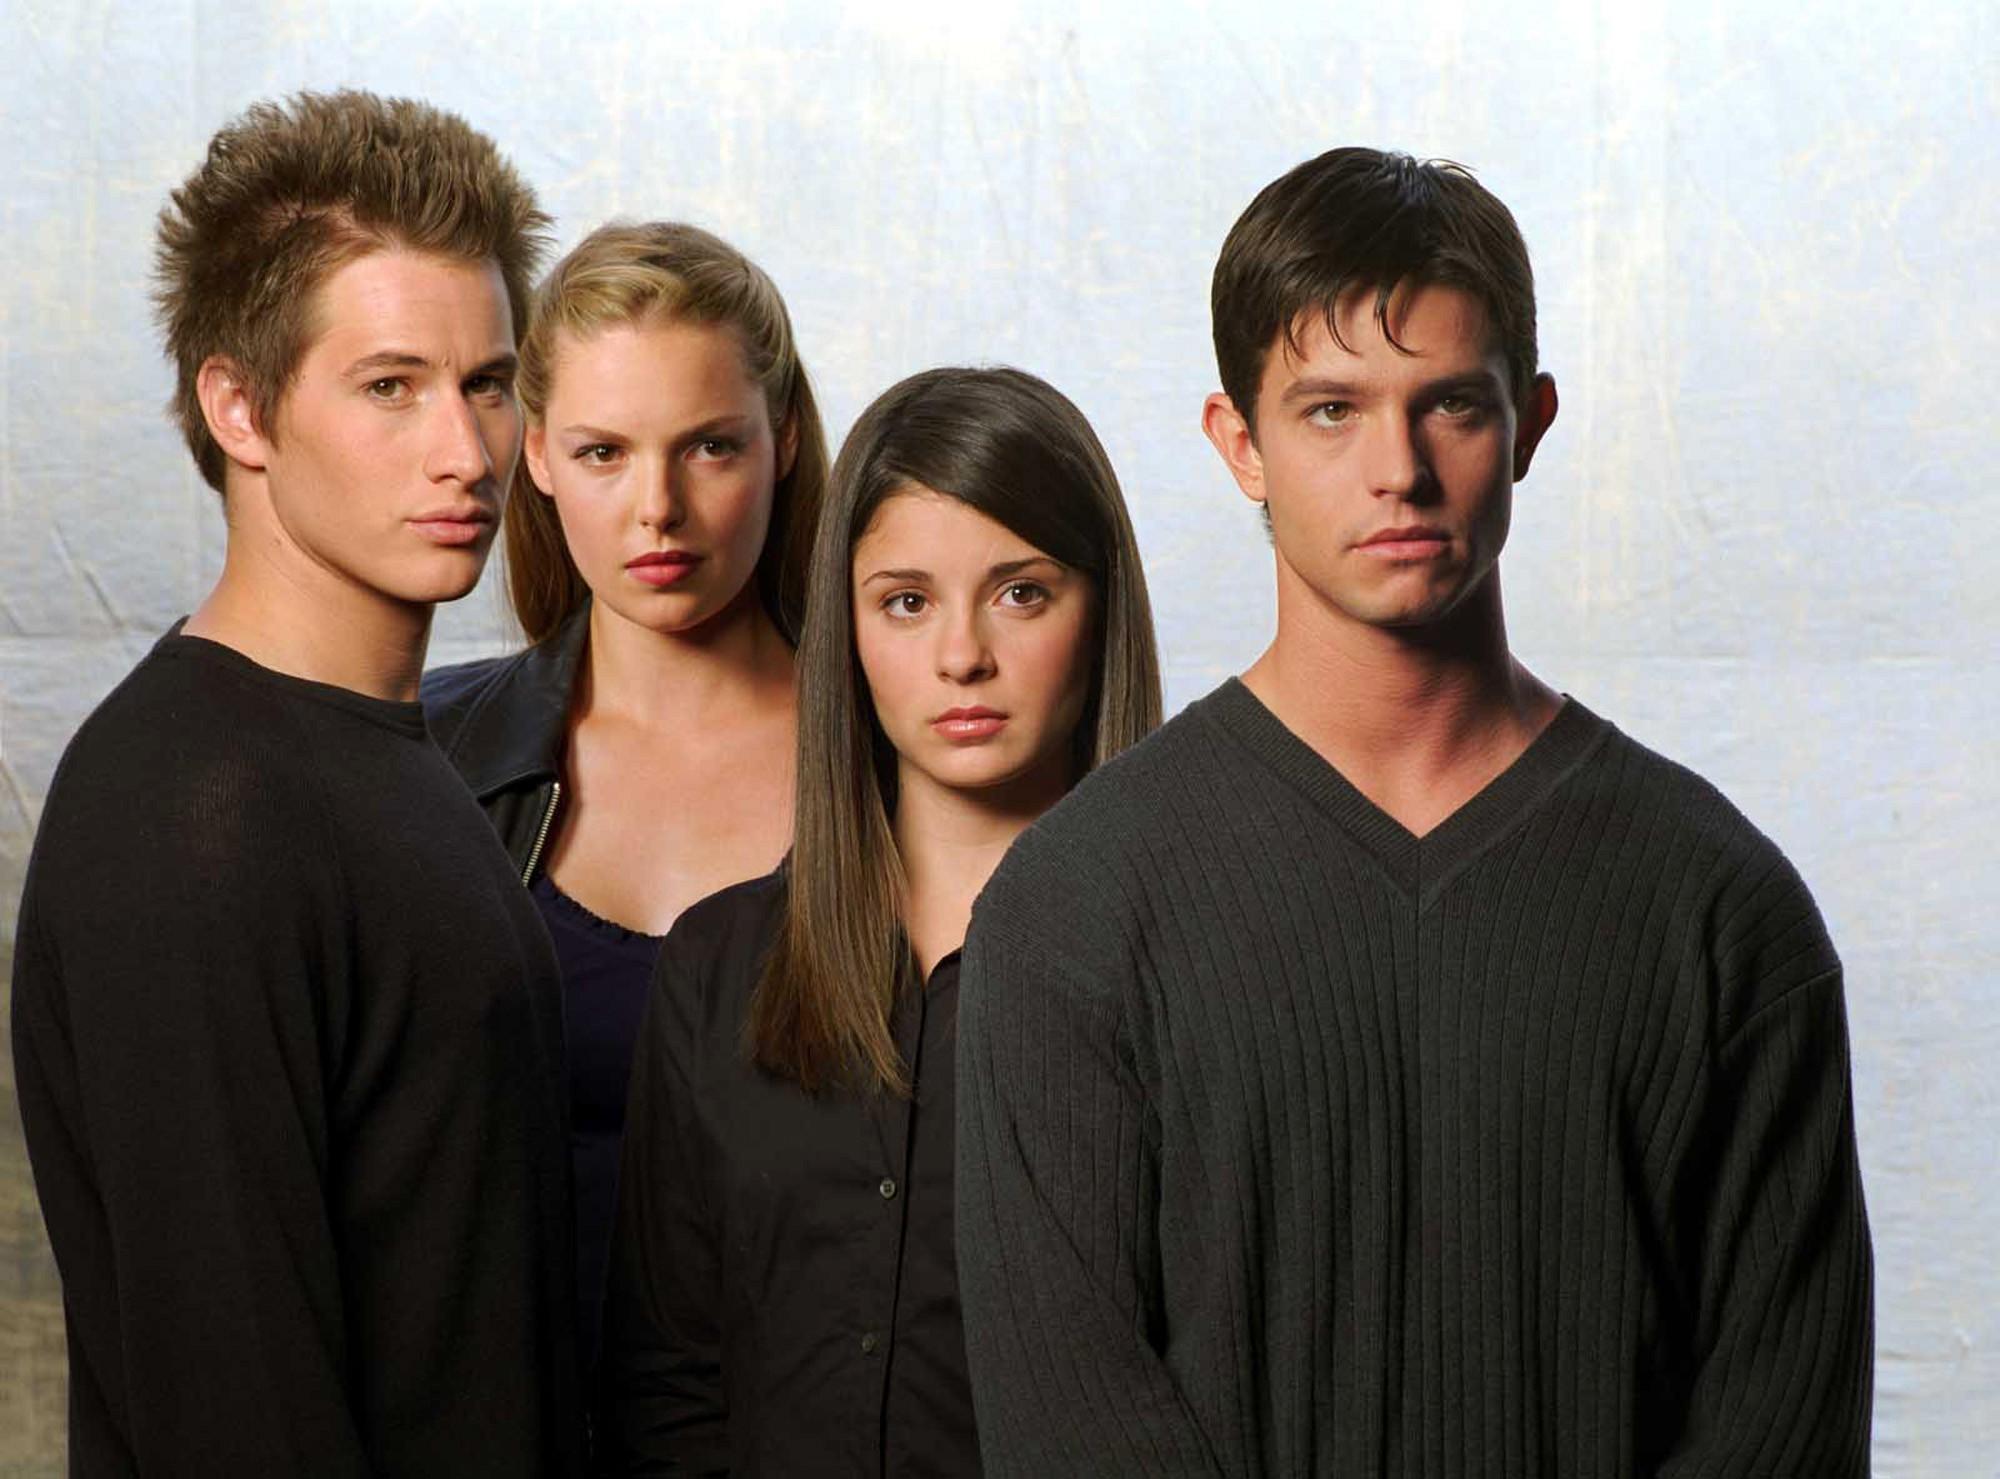 Cambiamenti gusti adolescenziali serie tv